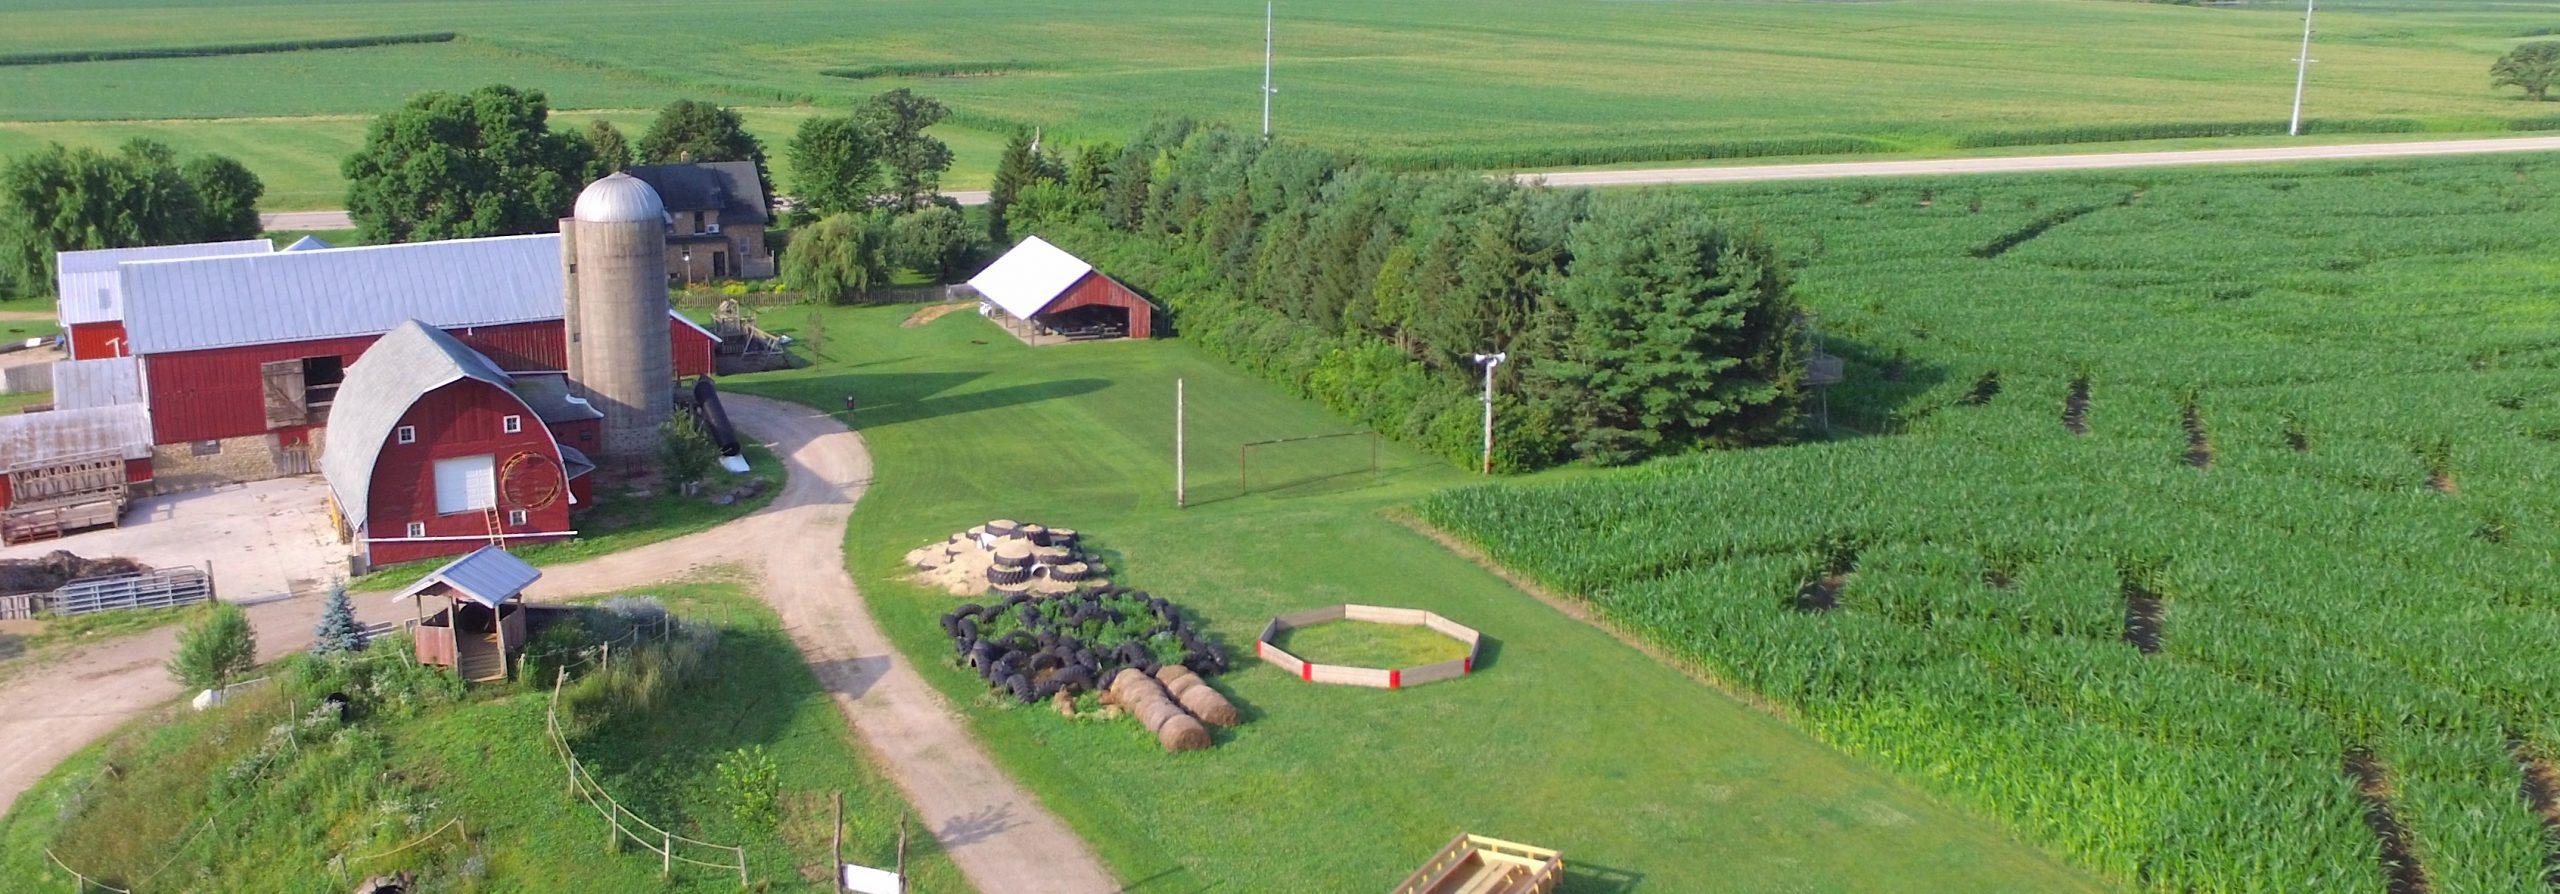 Entire Farm